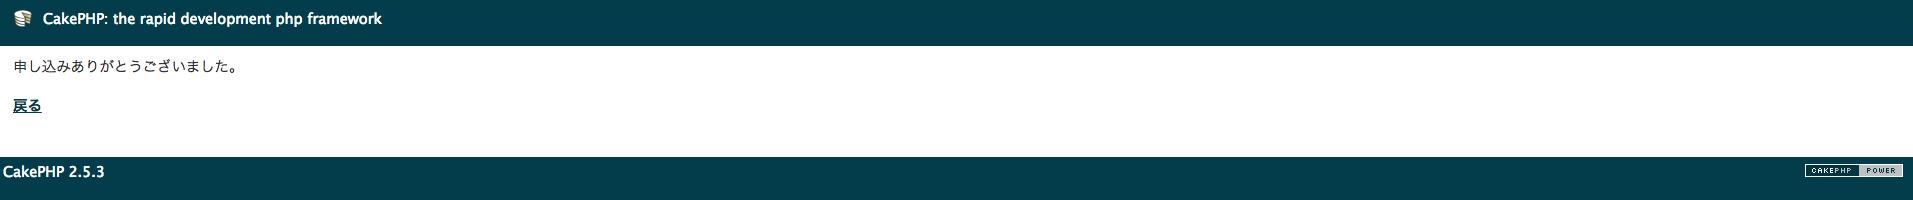 スクリーンショット 2014-09-06 14.15.07(2)